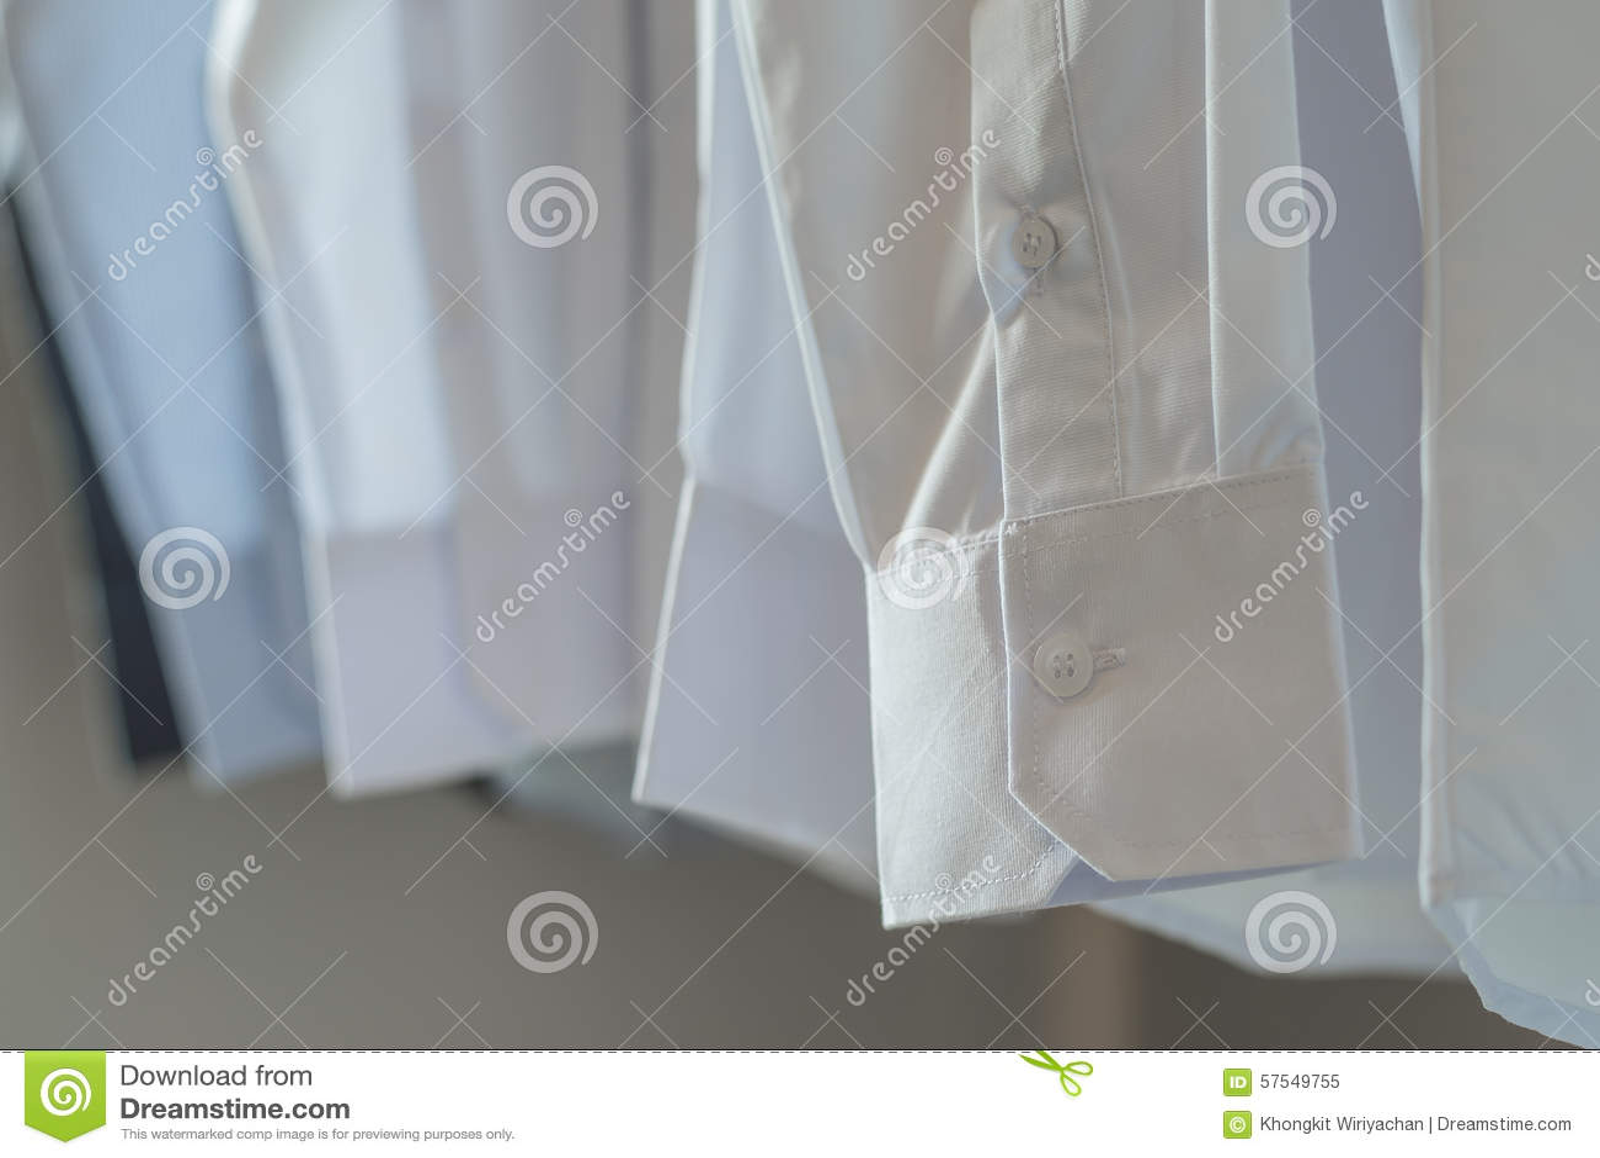 competitive price 1d3b5 b13e0 Weiße Hemden, Die Am Gestell Hängen Stockbild - Bild von ...